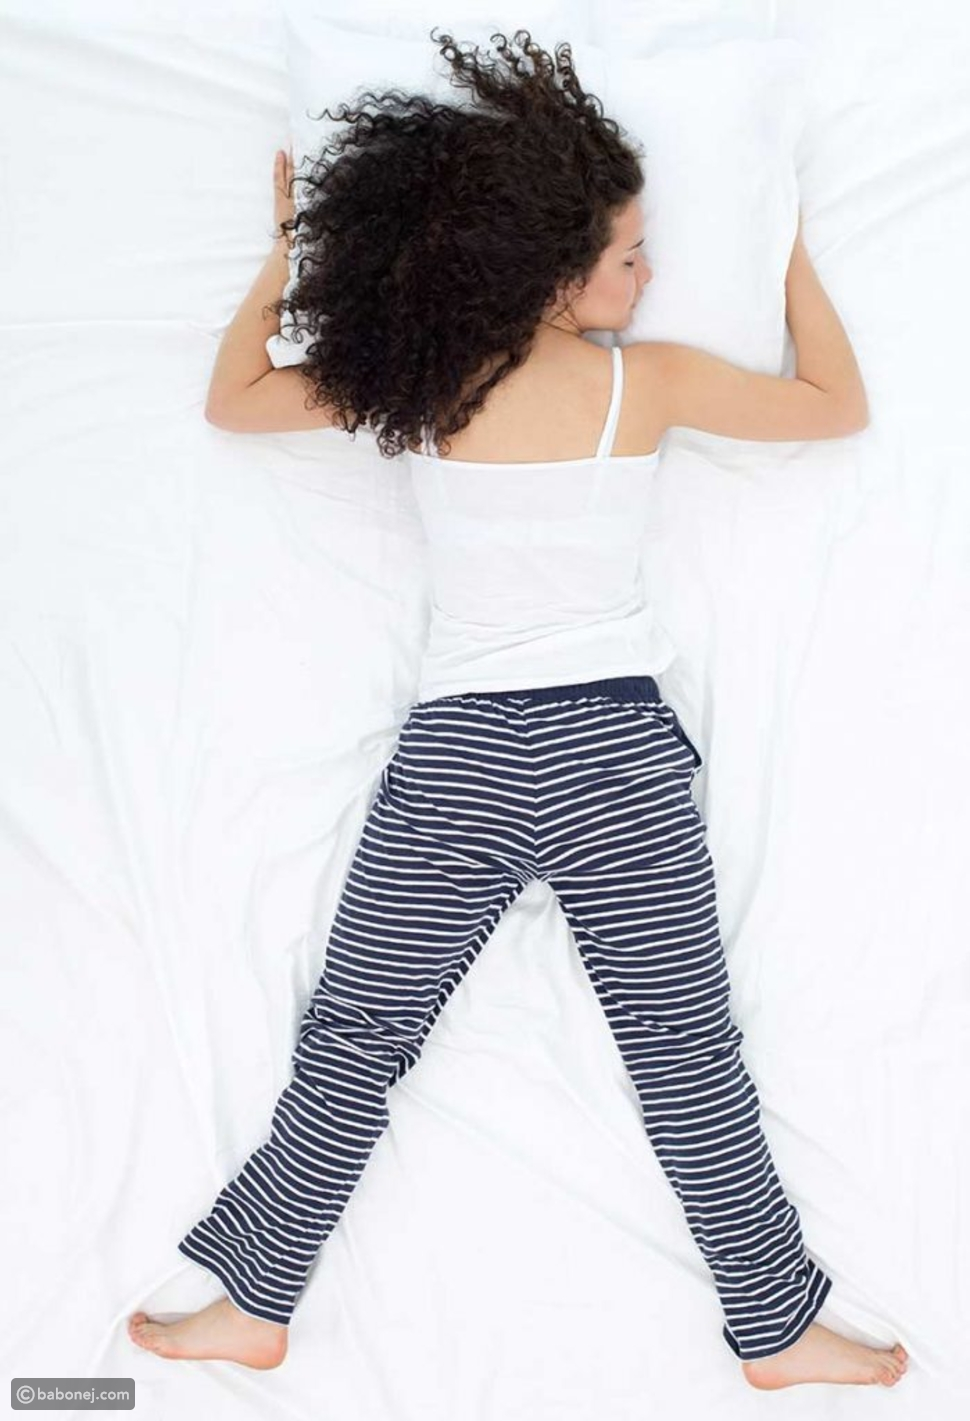 وضعية نوم السقوط الحر (Free-fall)